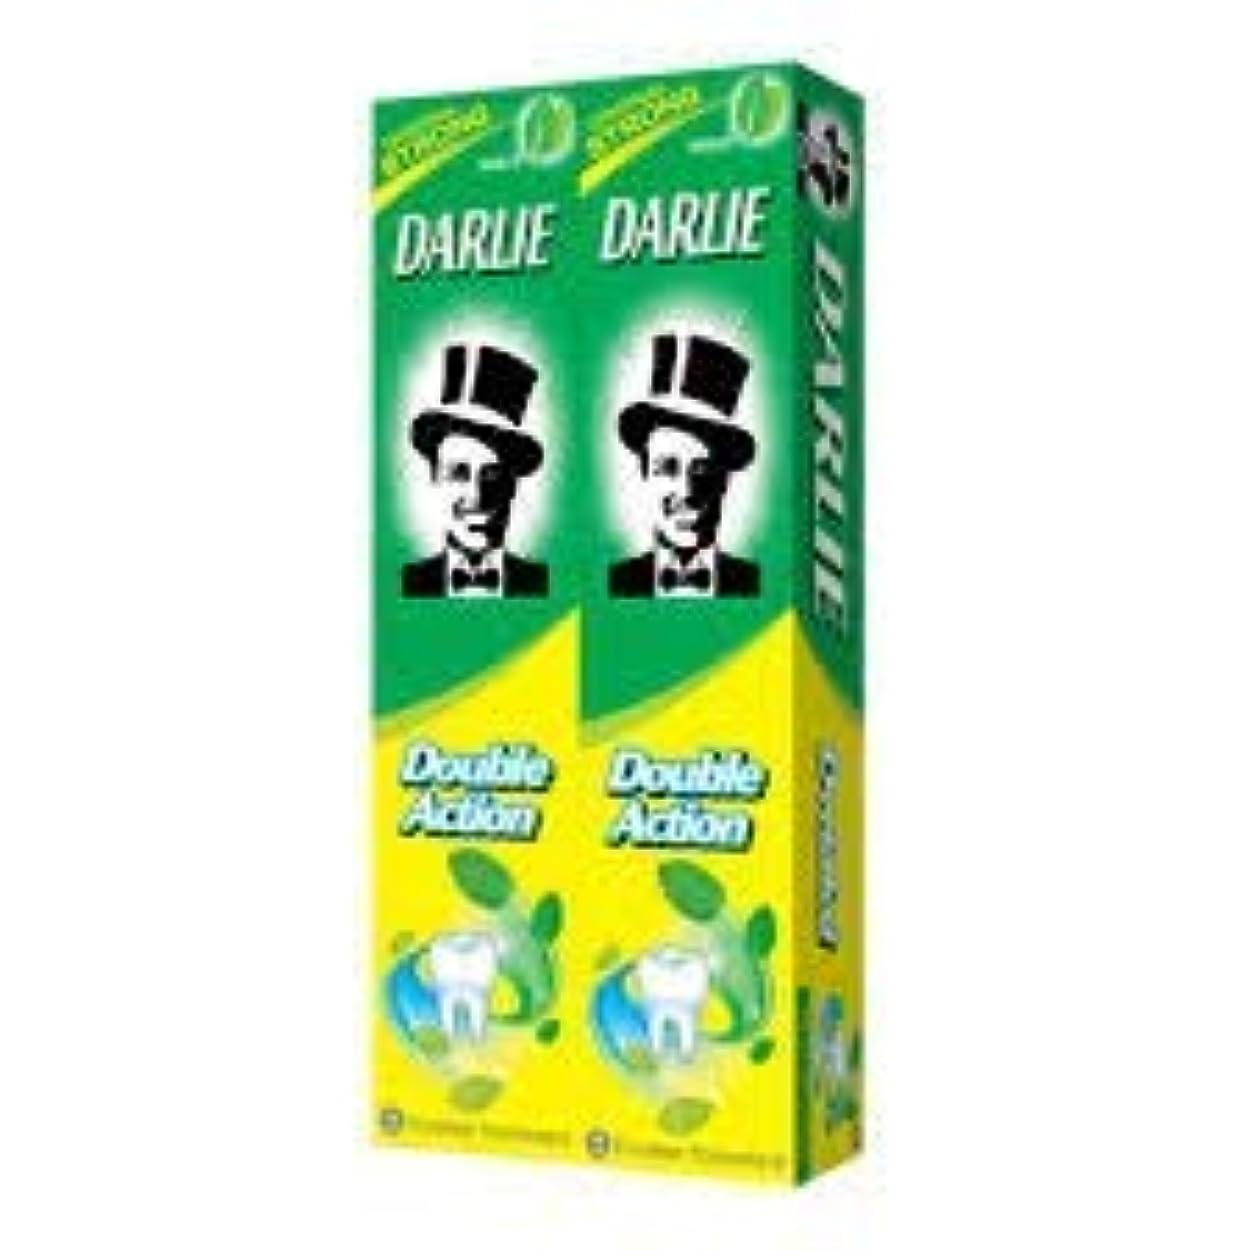 輝くいつ仕様DARLIE 歯磨き粉2×225gの複動GWPは、より永続的な新鮮な息12時間-gives - 口腔細菌を減少させるのに有効